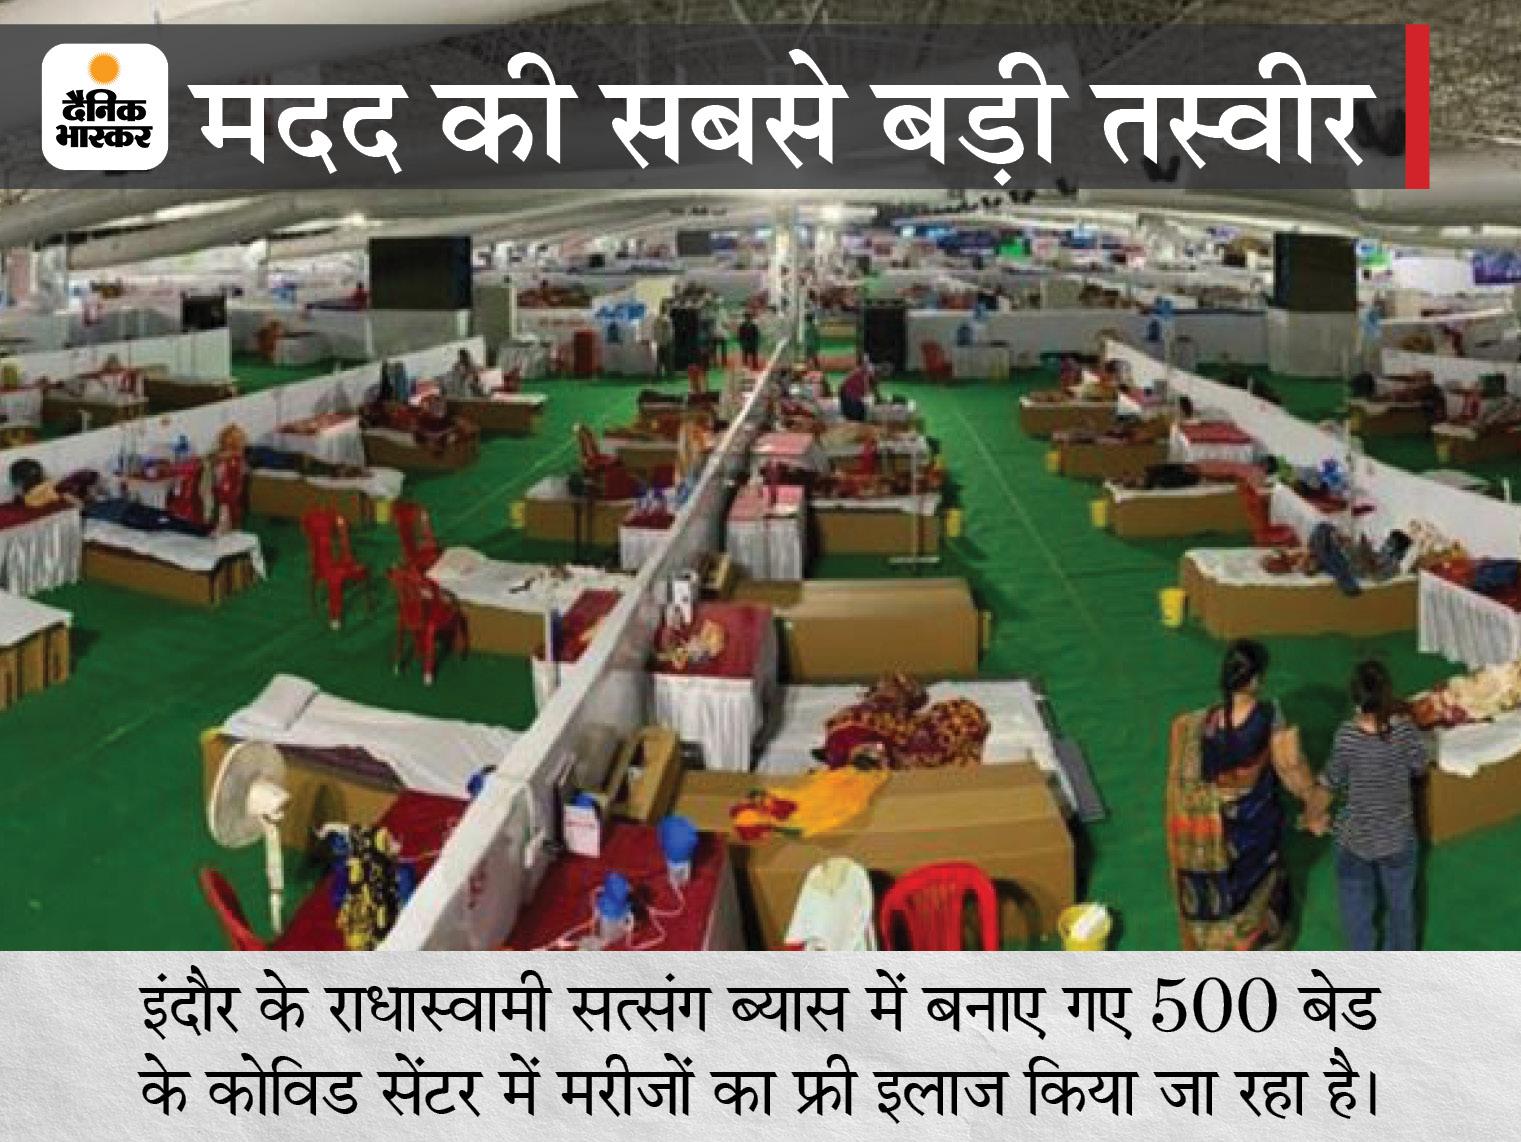 इंदौर के सामाजिक संगठनों ने 25 दिन में 18 करोड़ जुटाए, एंबुलेंस और मेडिकल उपकरण खरीदे; कोरोना मरीजों को फ्री सेवा|इंदौर,Indore - Dainik Bhaskar